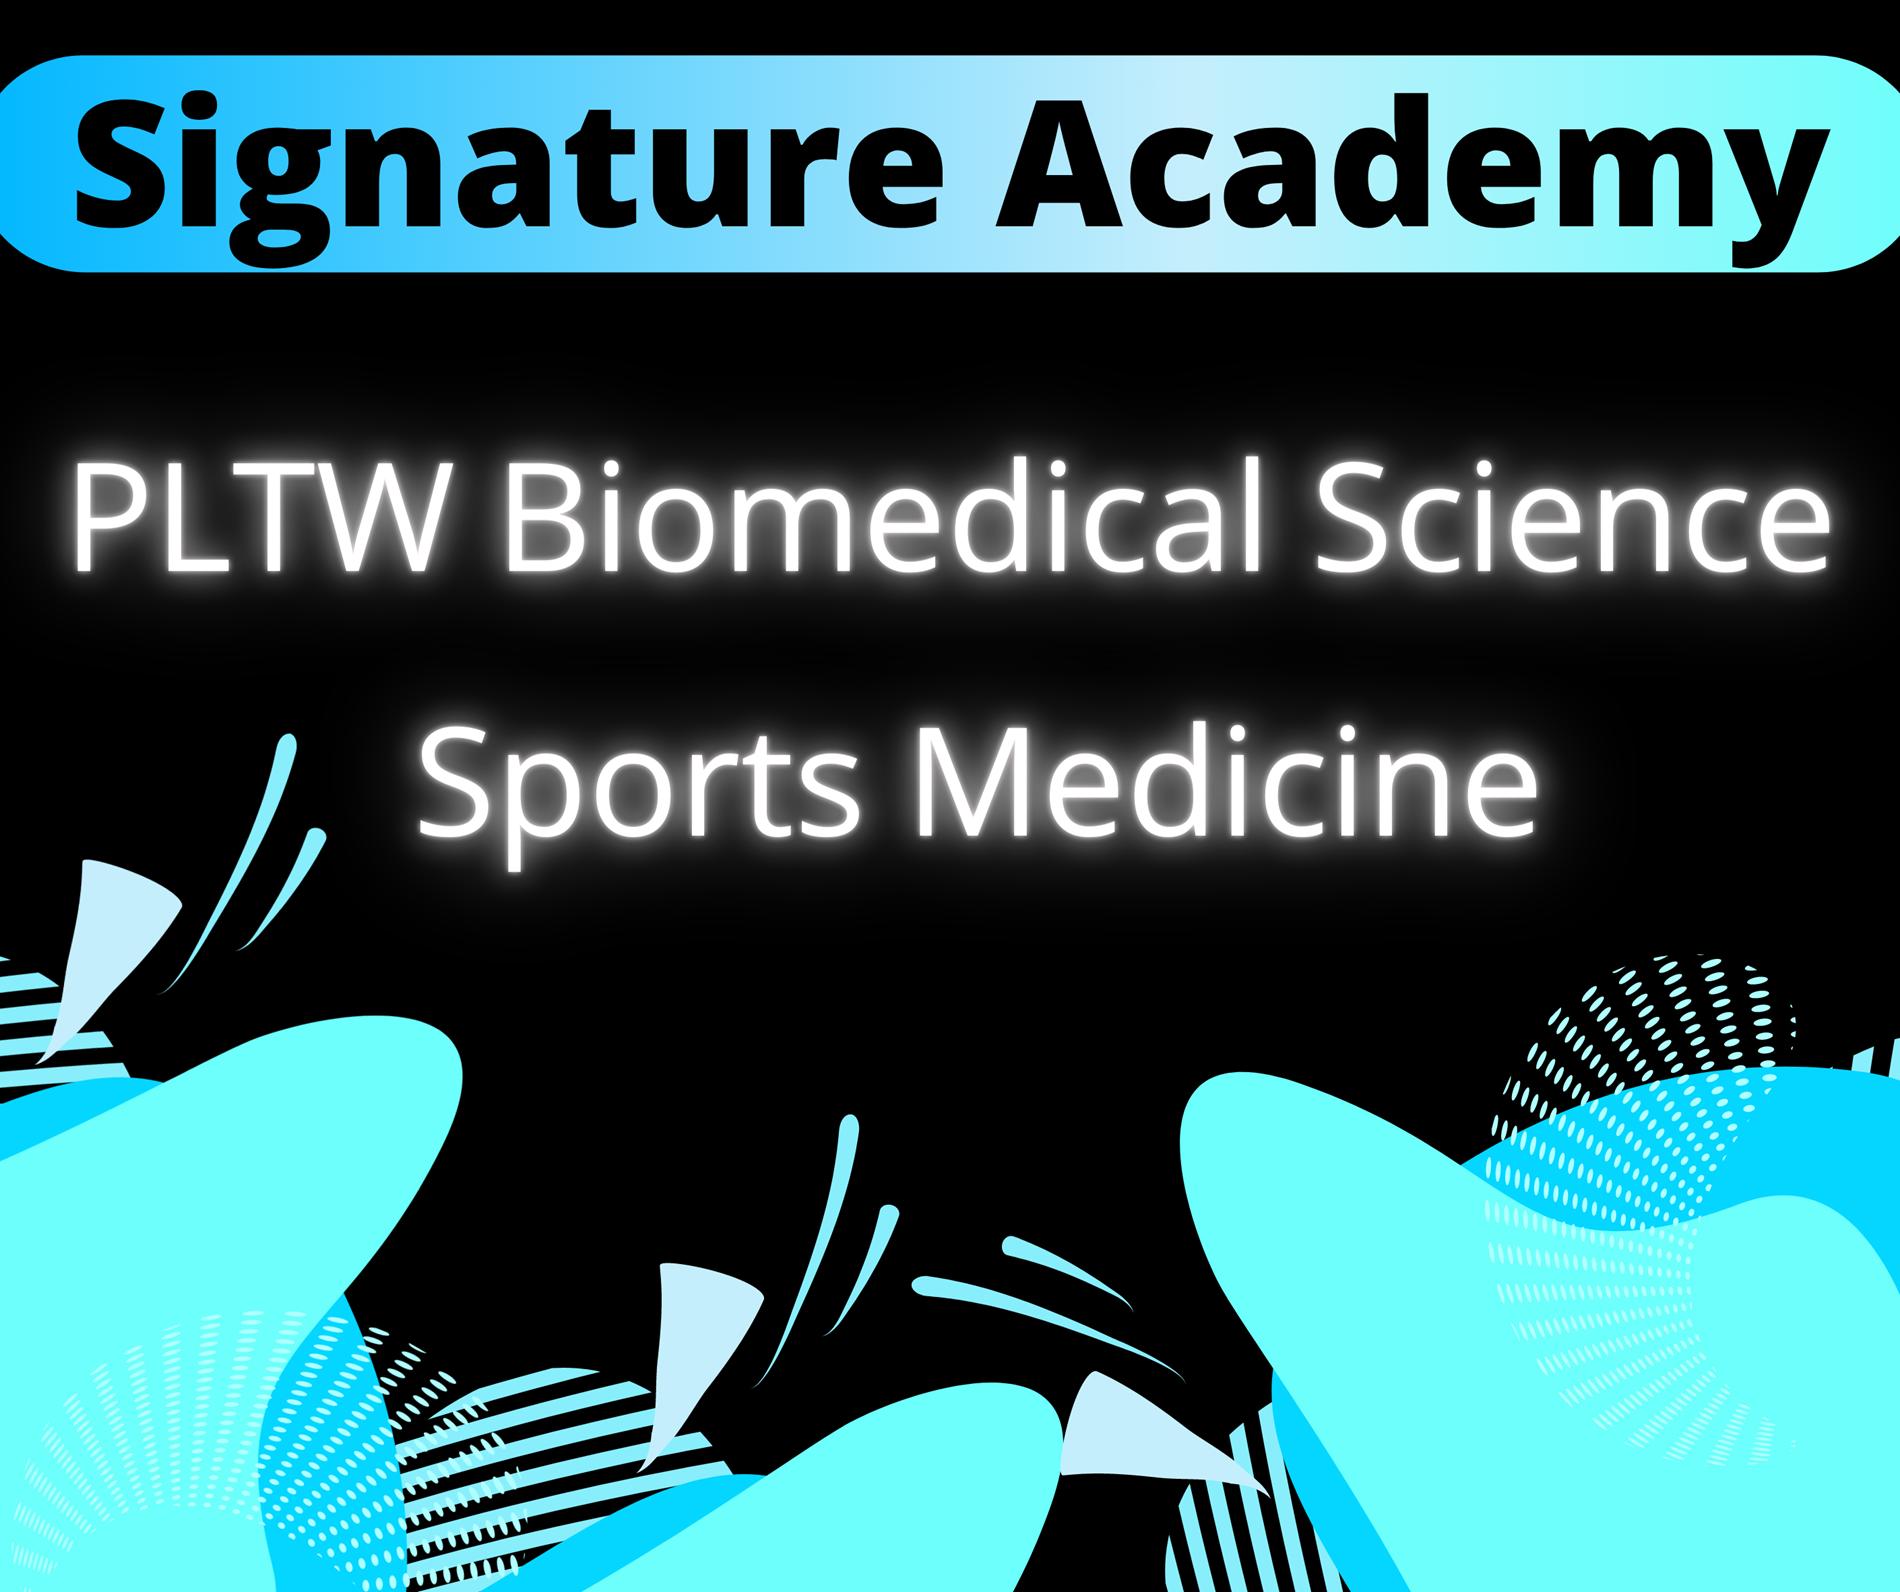 Signature Academies